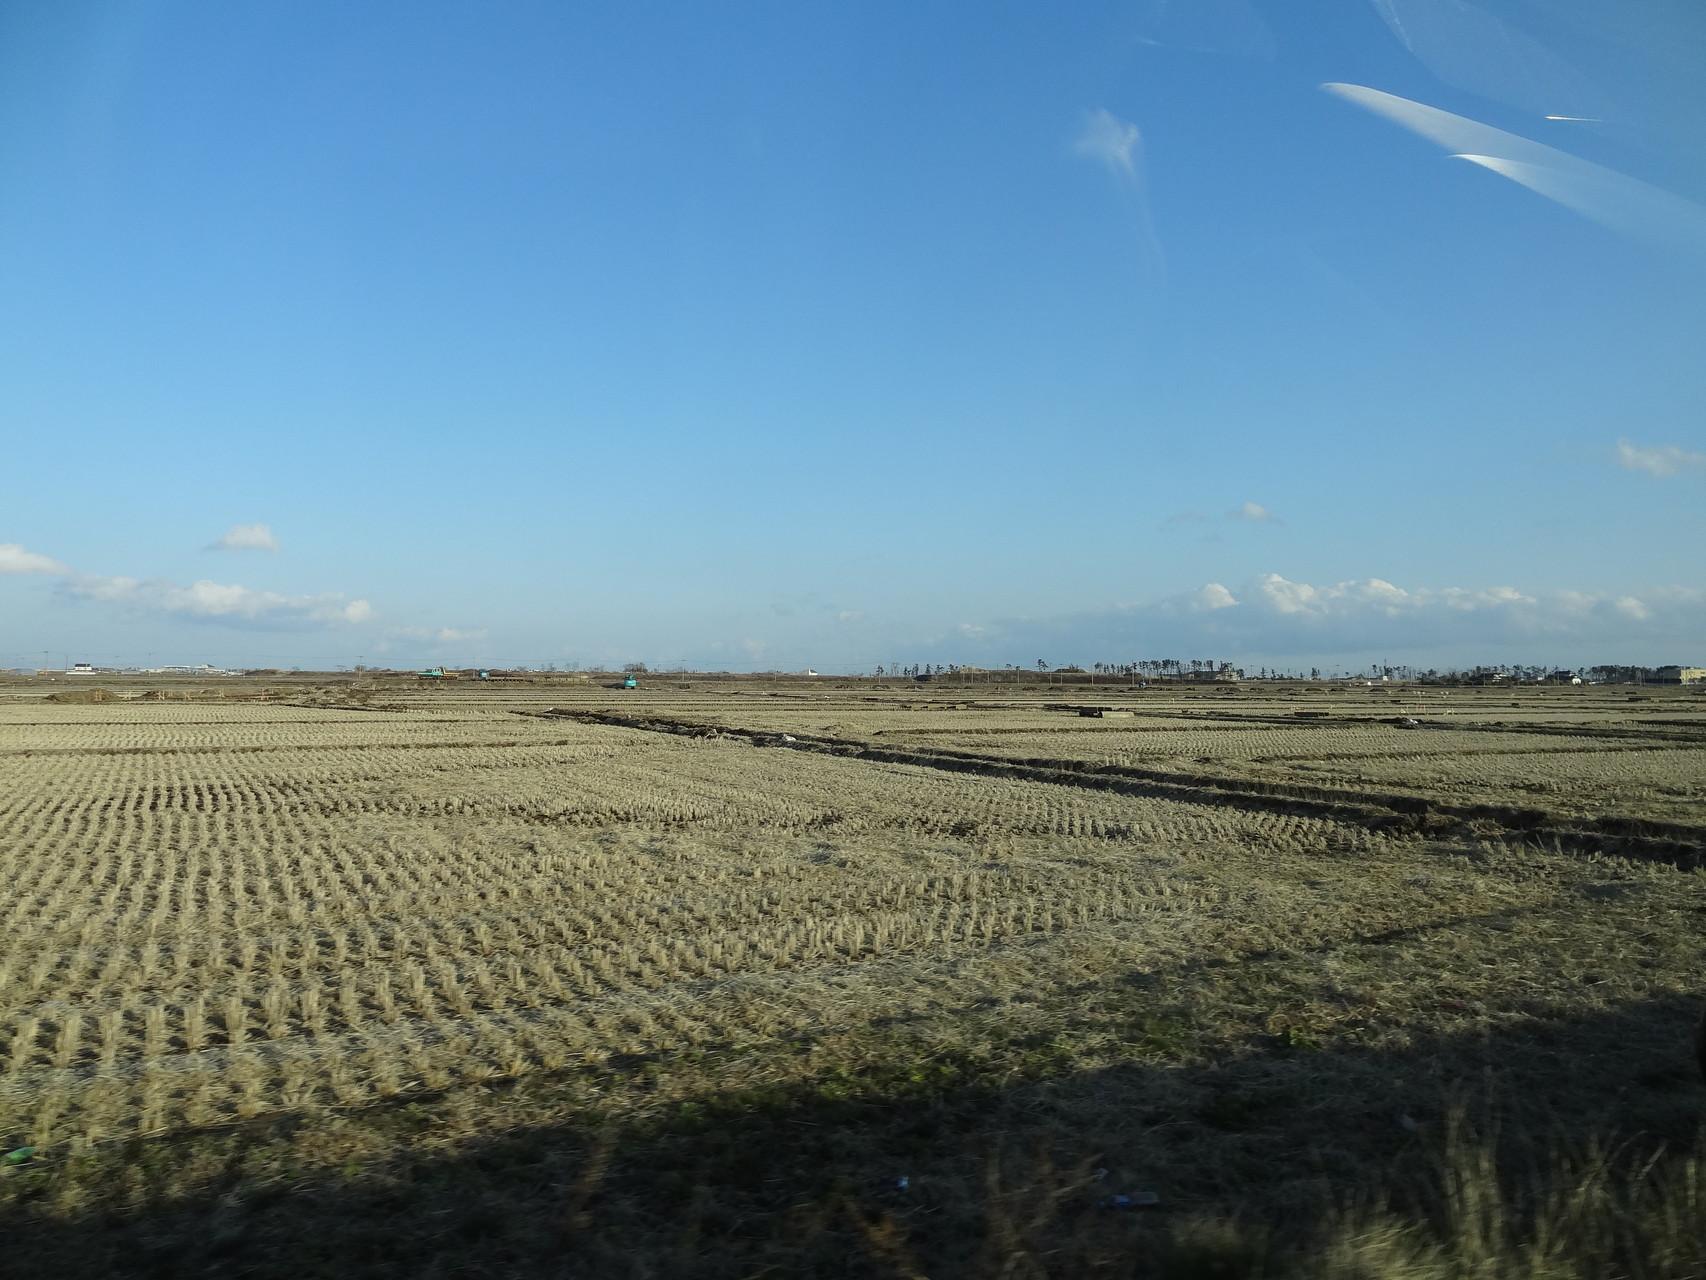 収穫を終えた田んぼも見られ、塩害を乗り越え、稲作を再開できているところもありました。